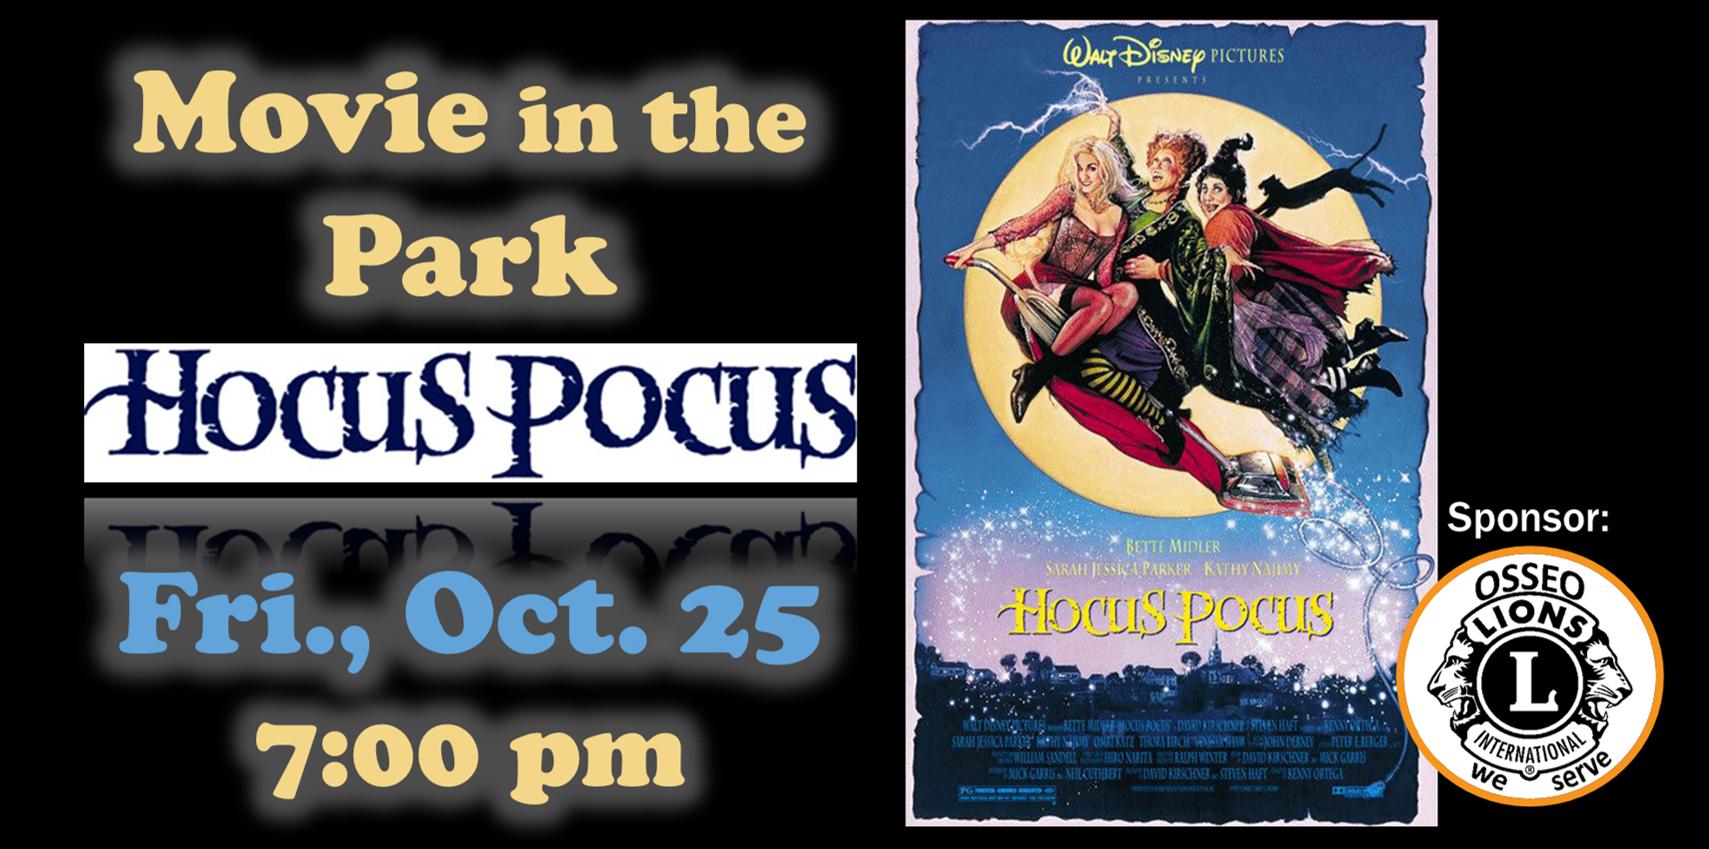 Movie in the Park Oct 25 Hocus Pocus